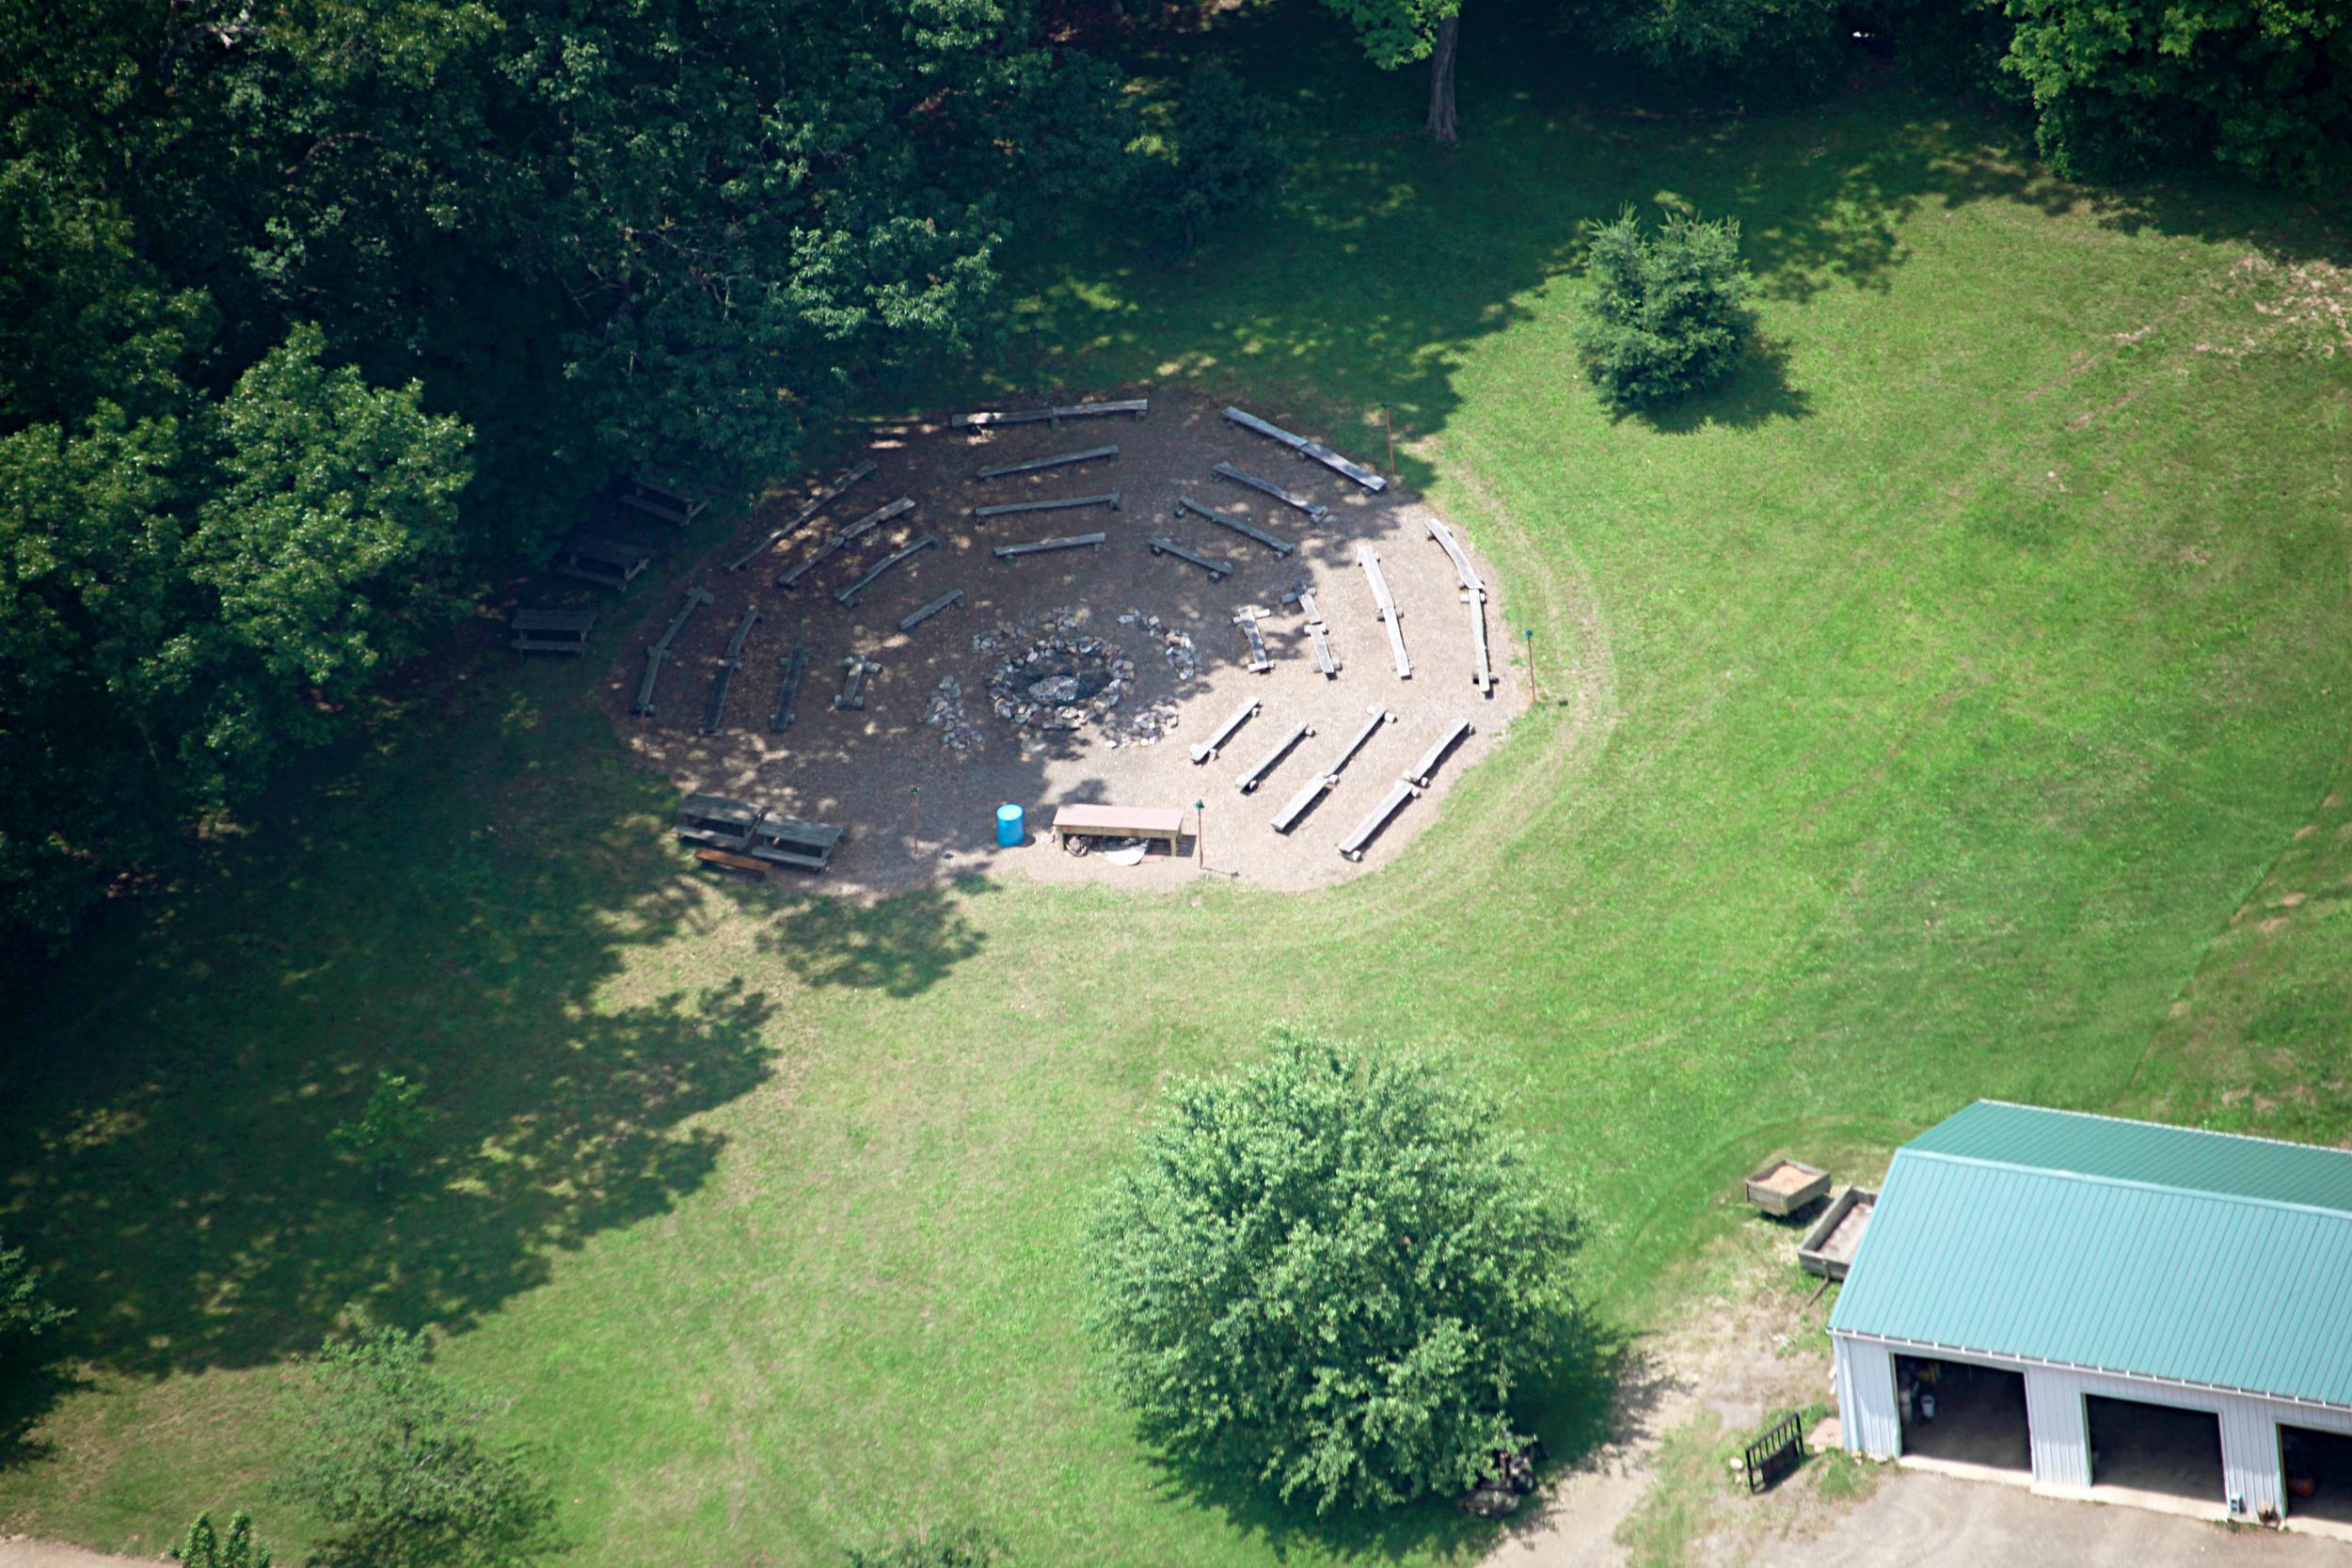 Orchard Campfire Circle